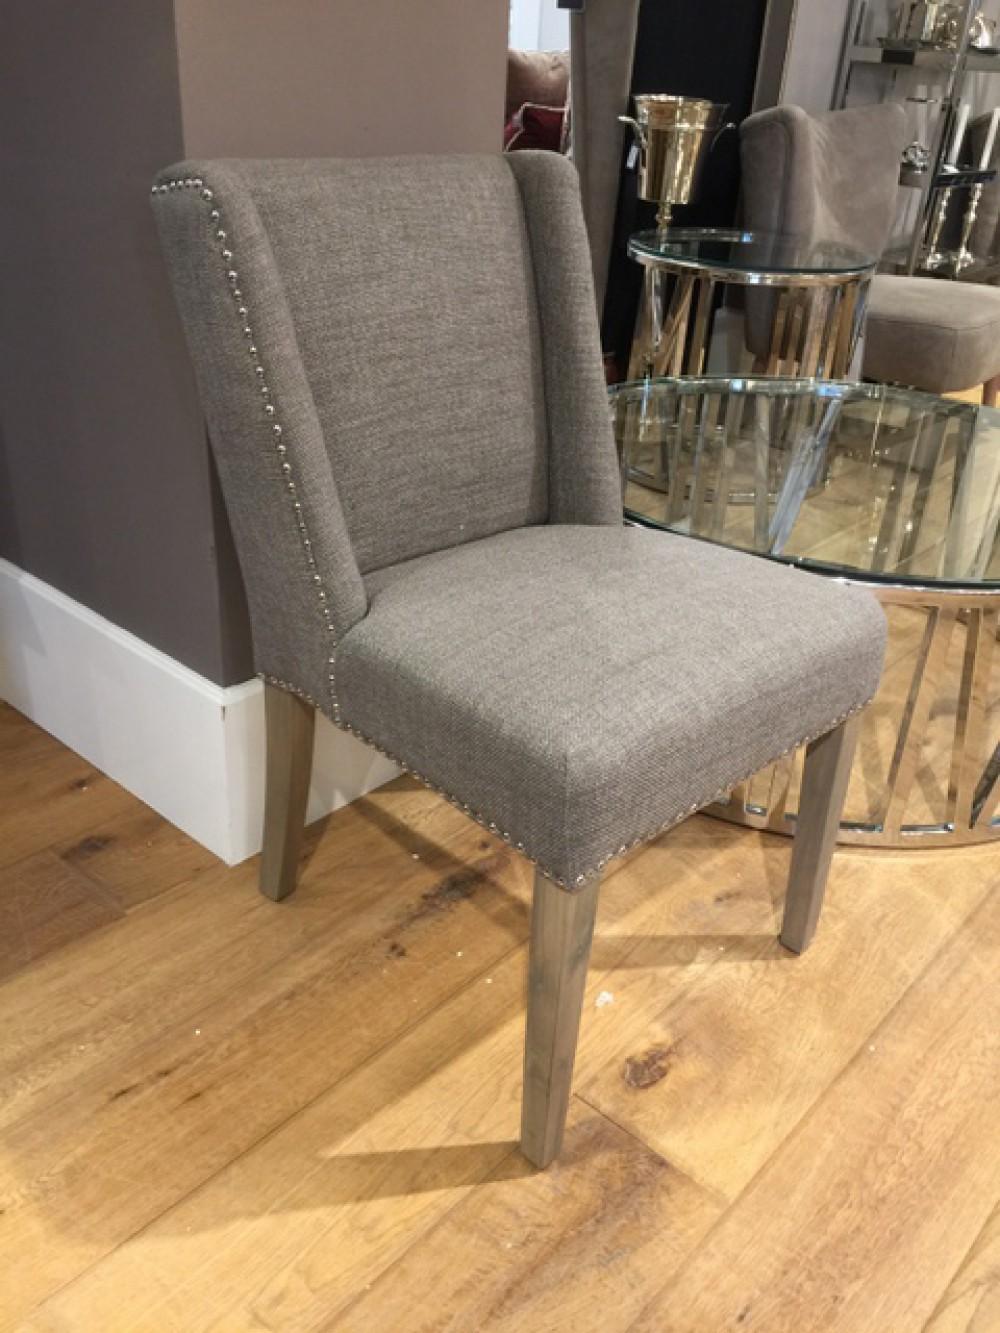 Stuhl gepolstert landhaus stuhl grau gepolstert for Stuhl gepolstert